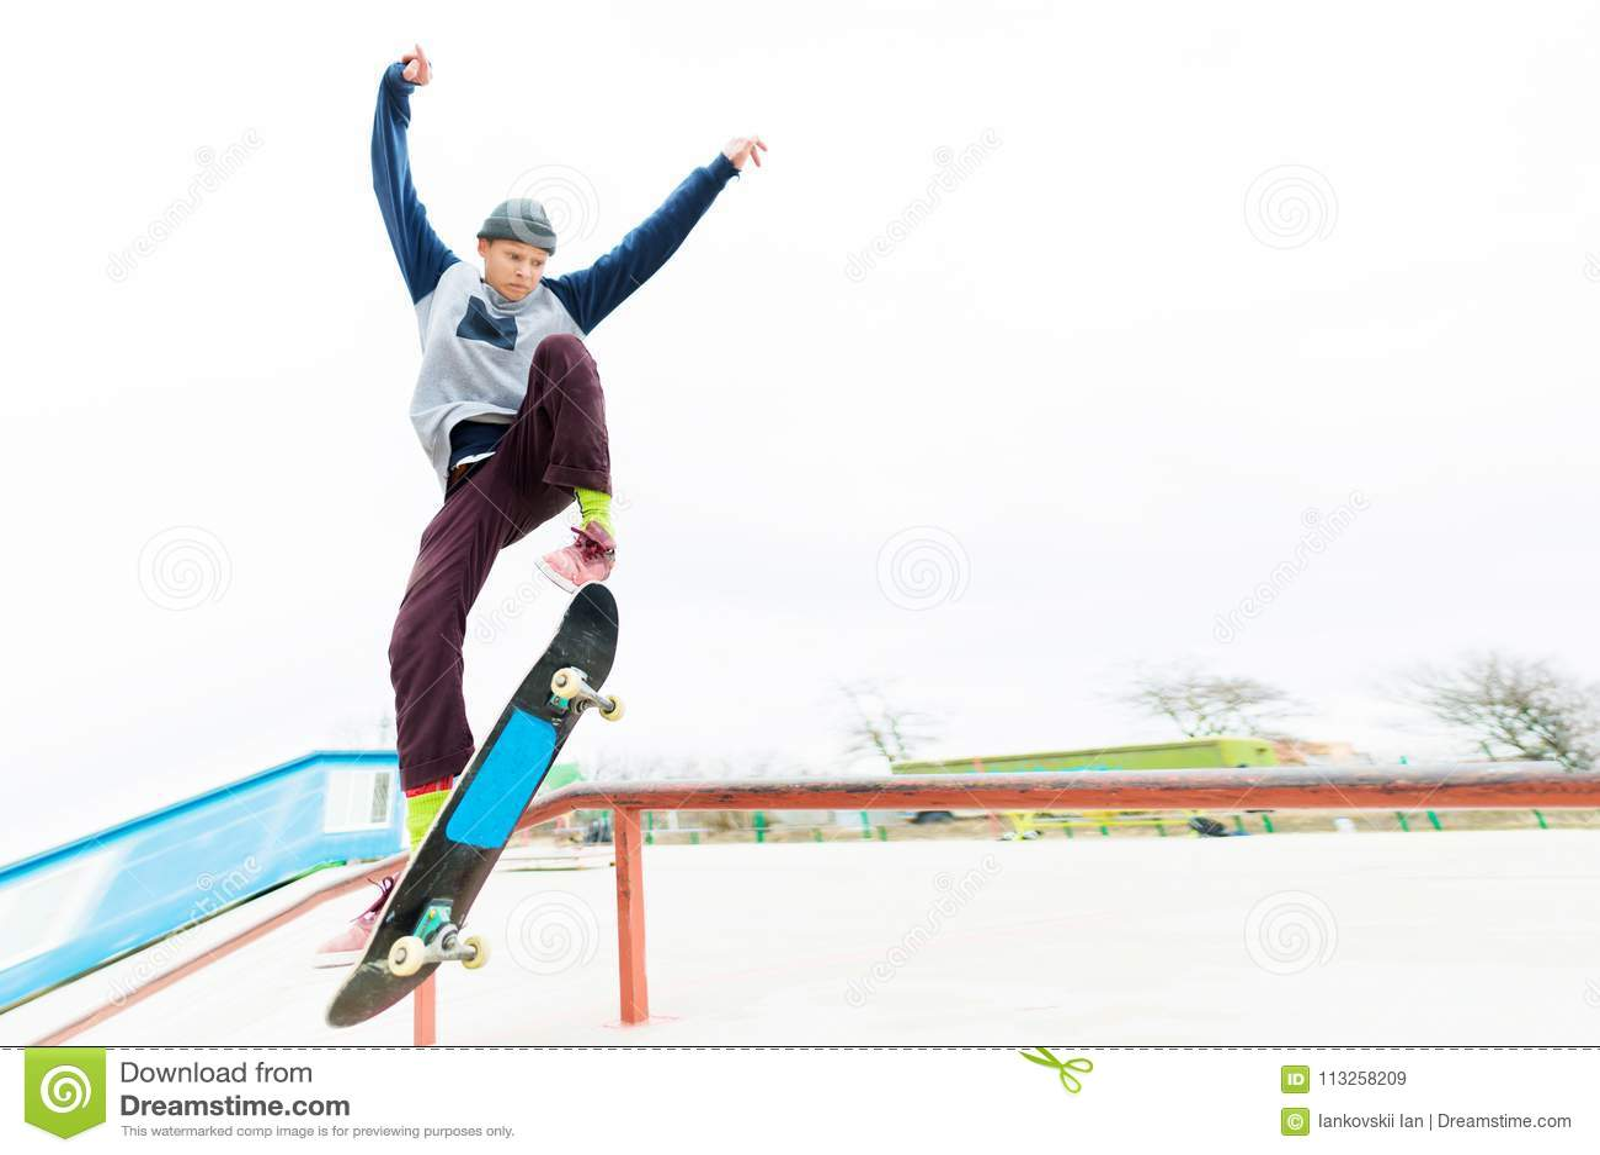 Een jonge tiener, een skateboarder, doet een truc op het traliewerk in een skatepark Het concept de jeugdsporten in stedelijk